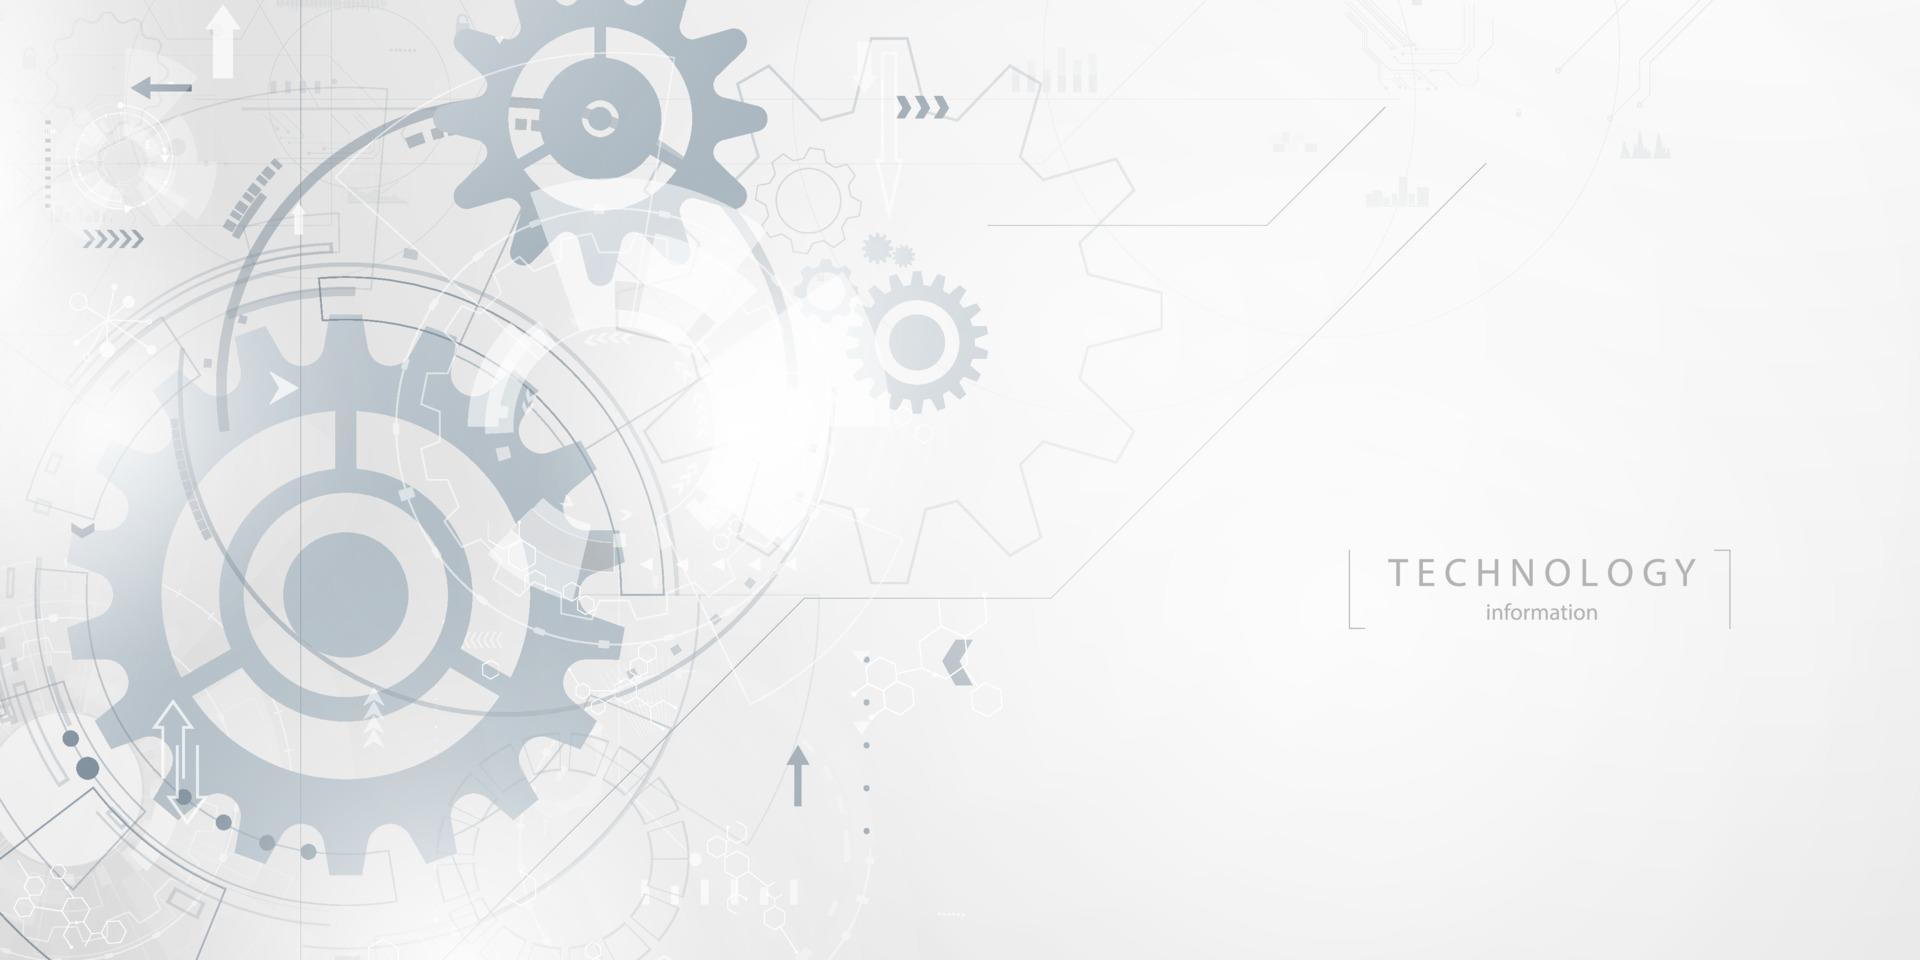 fond de vecteur entreprise technologie entreprise et technologie